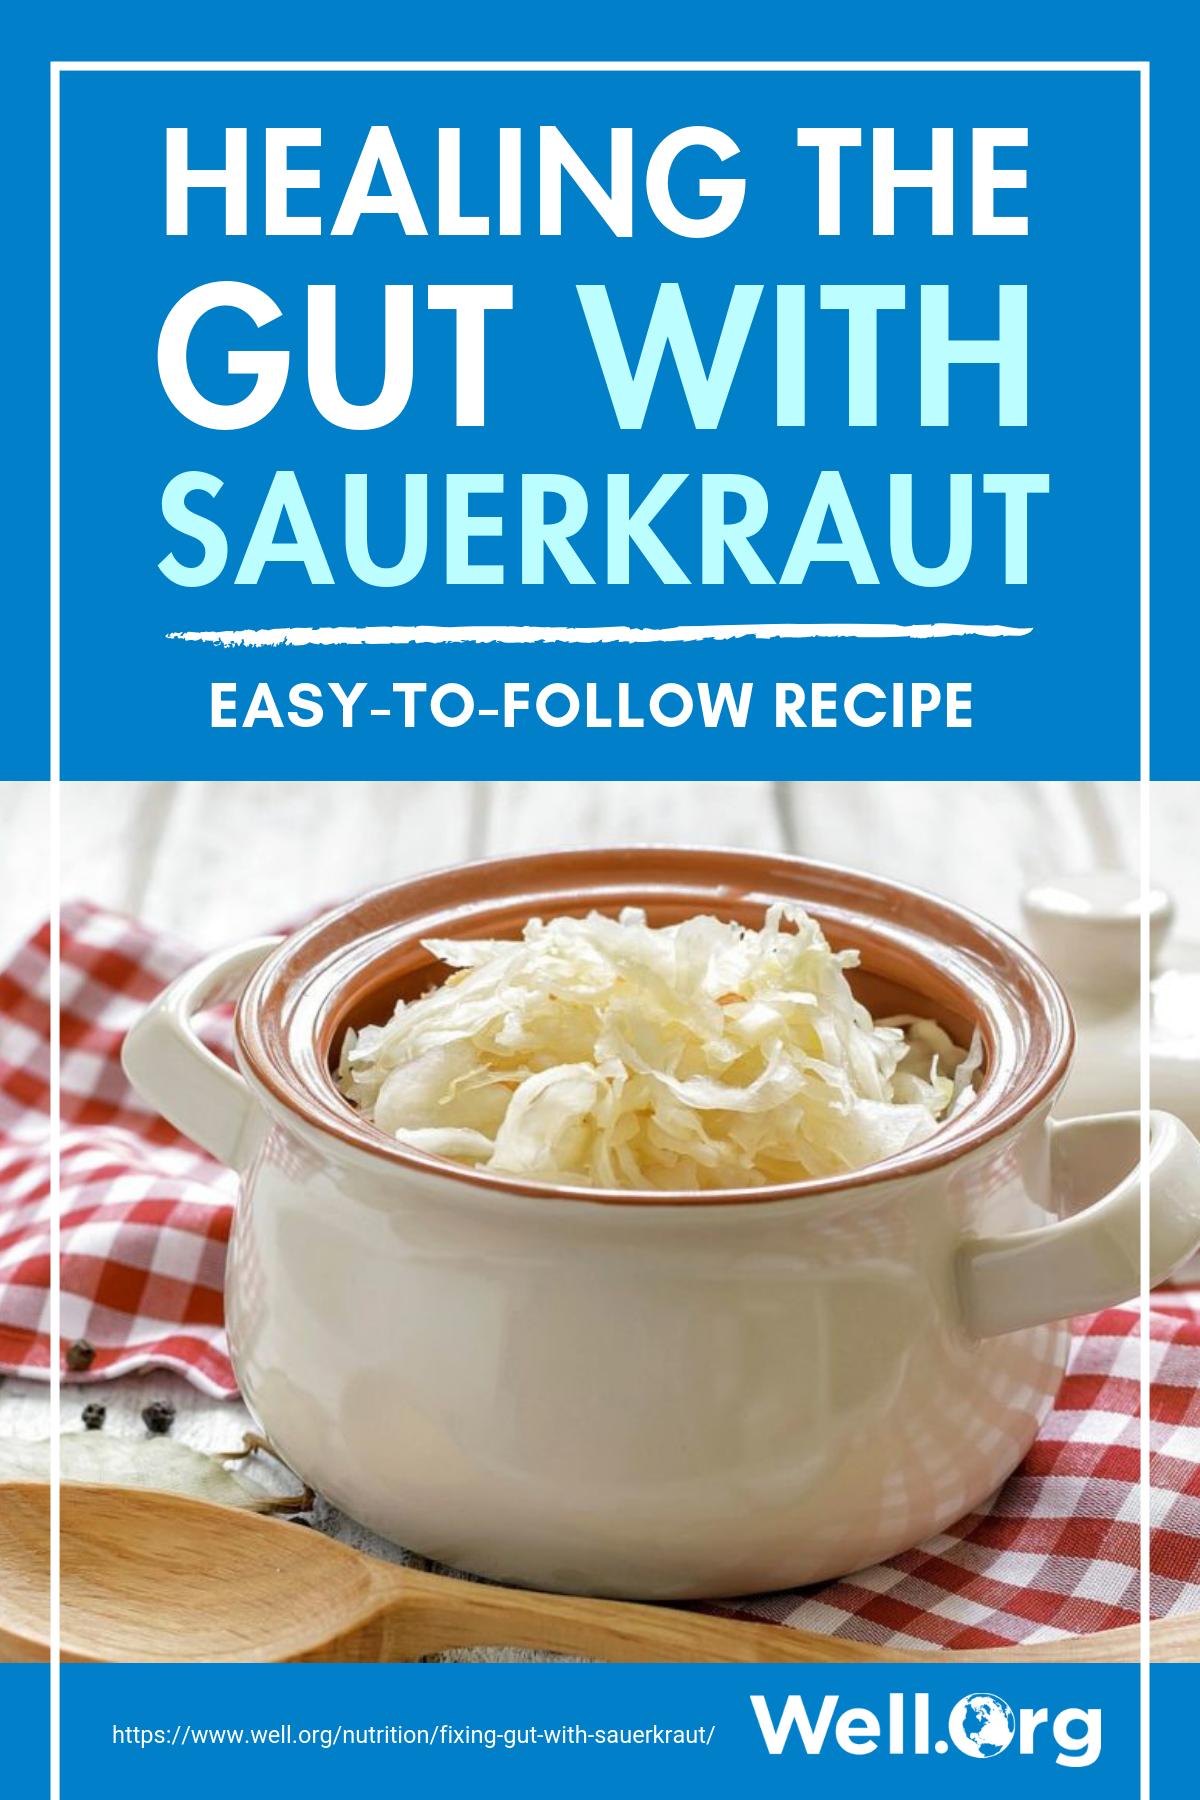 Healing The Gut With Sauerkraut (Easy-To-Follow Recipe) https://www.well.org/nutrition/fixing-gut-with-sauerkraut/